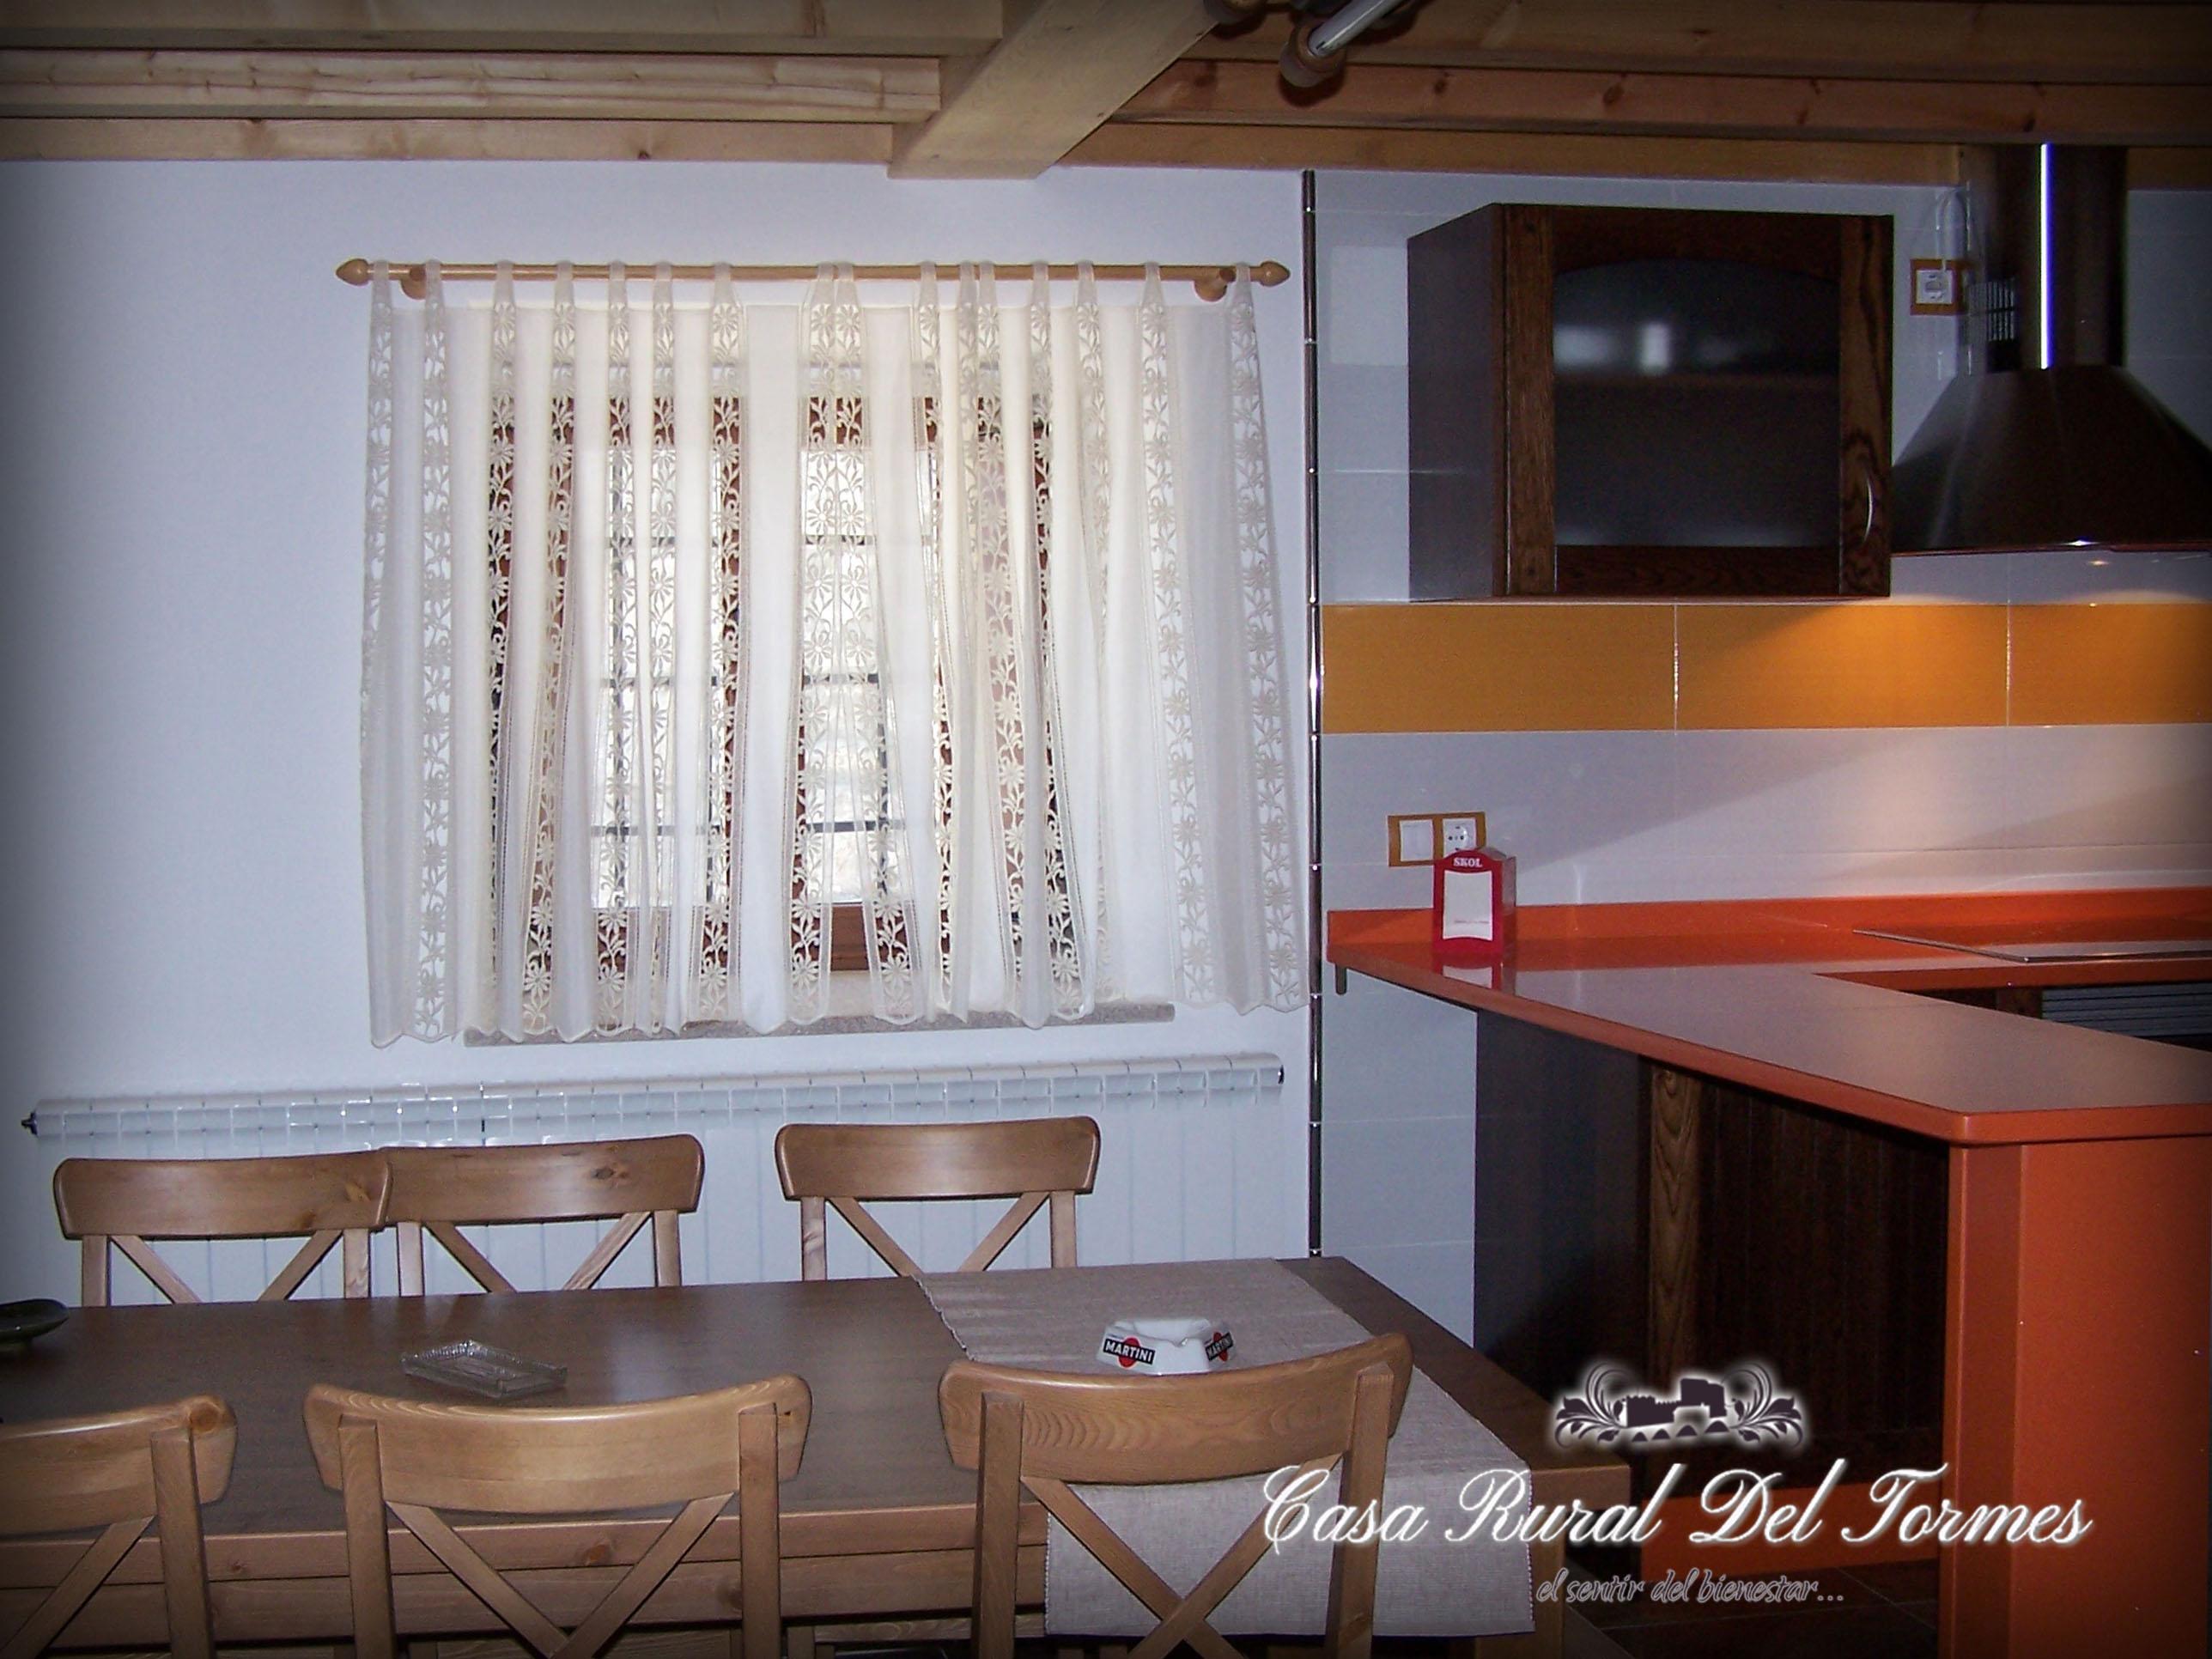 Cocina sala de estar 2 casa rural del tormescasa rural for Sala de estar y cocina